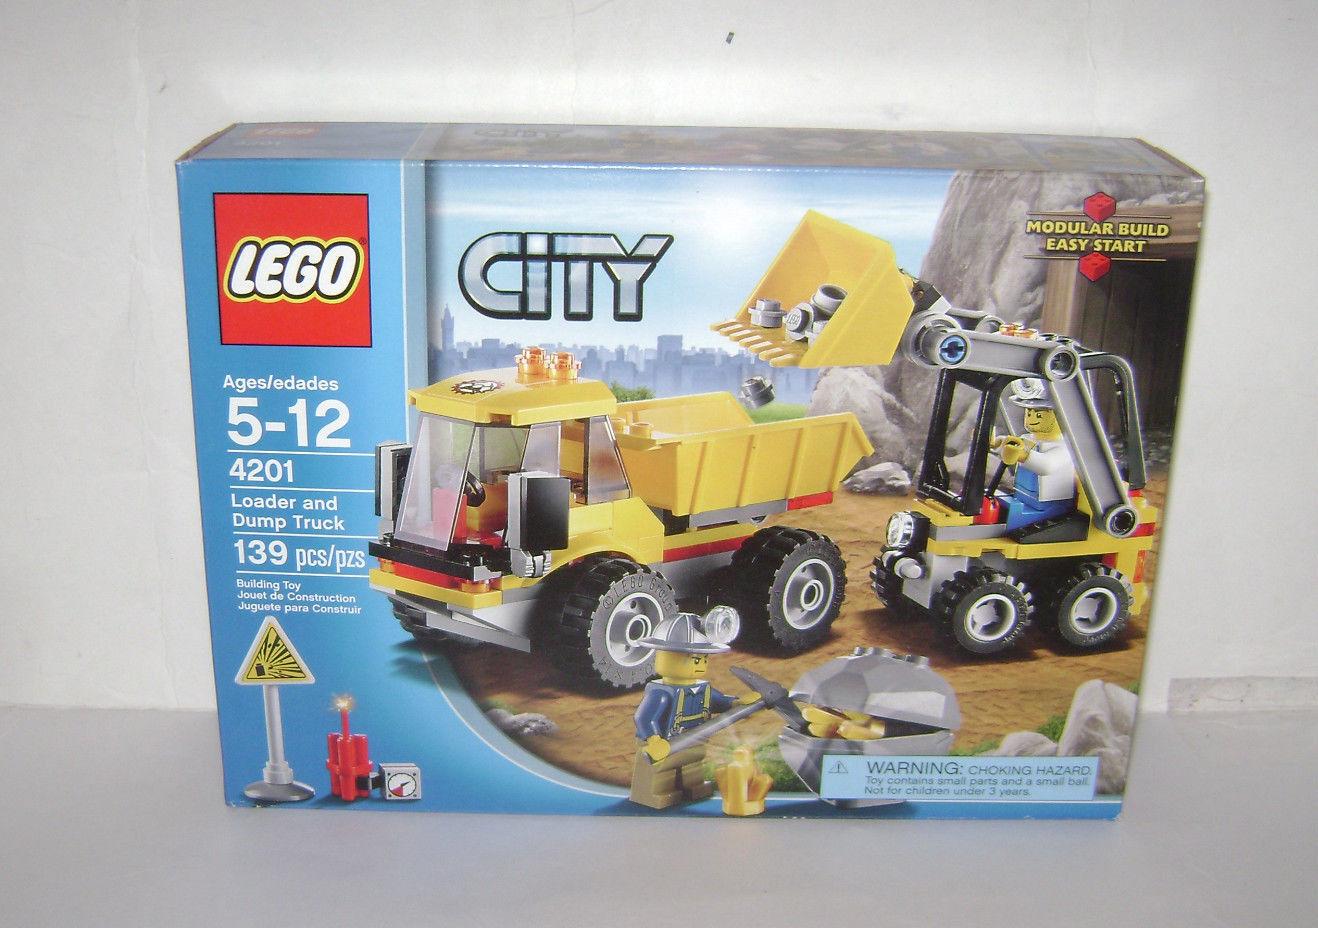 Nouveau 4201 LEGO CITY Pelleteuse et Camion Benne Construction Jouet Boîte Scellée RETRAITÉ RARE un